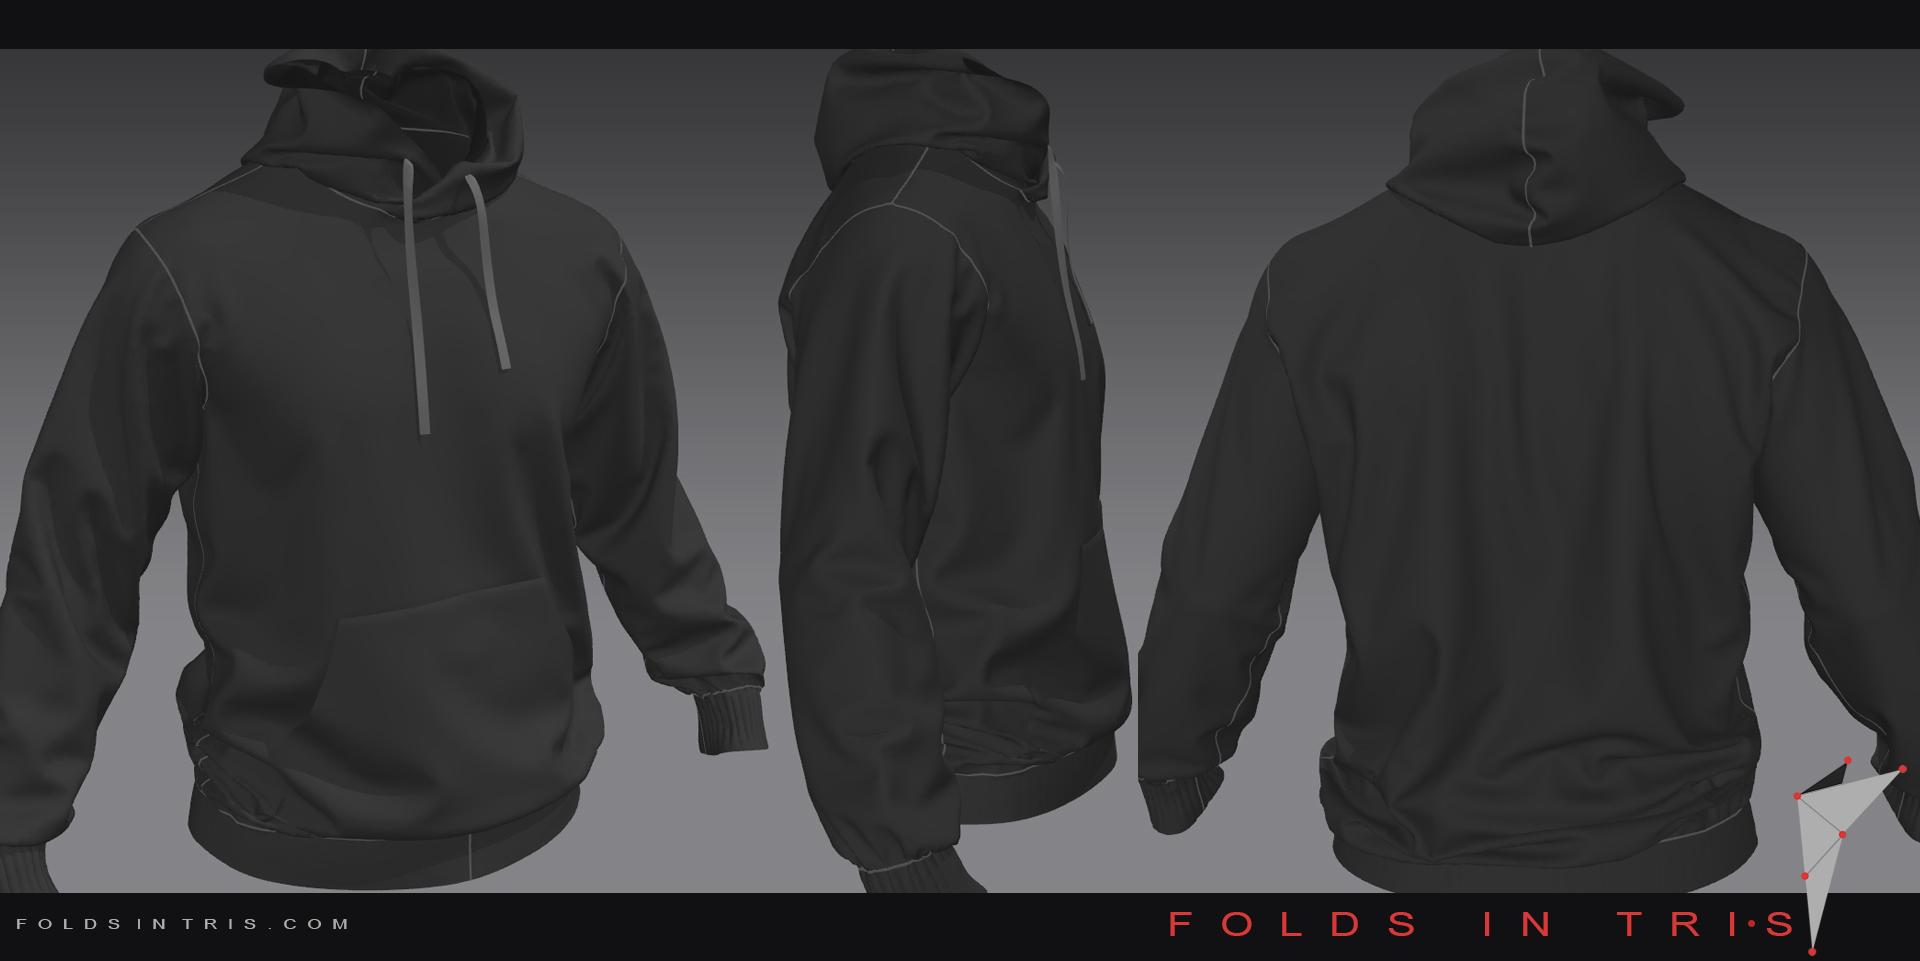 hoodie_pockets.jpg